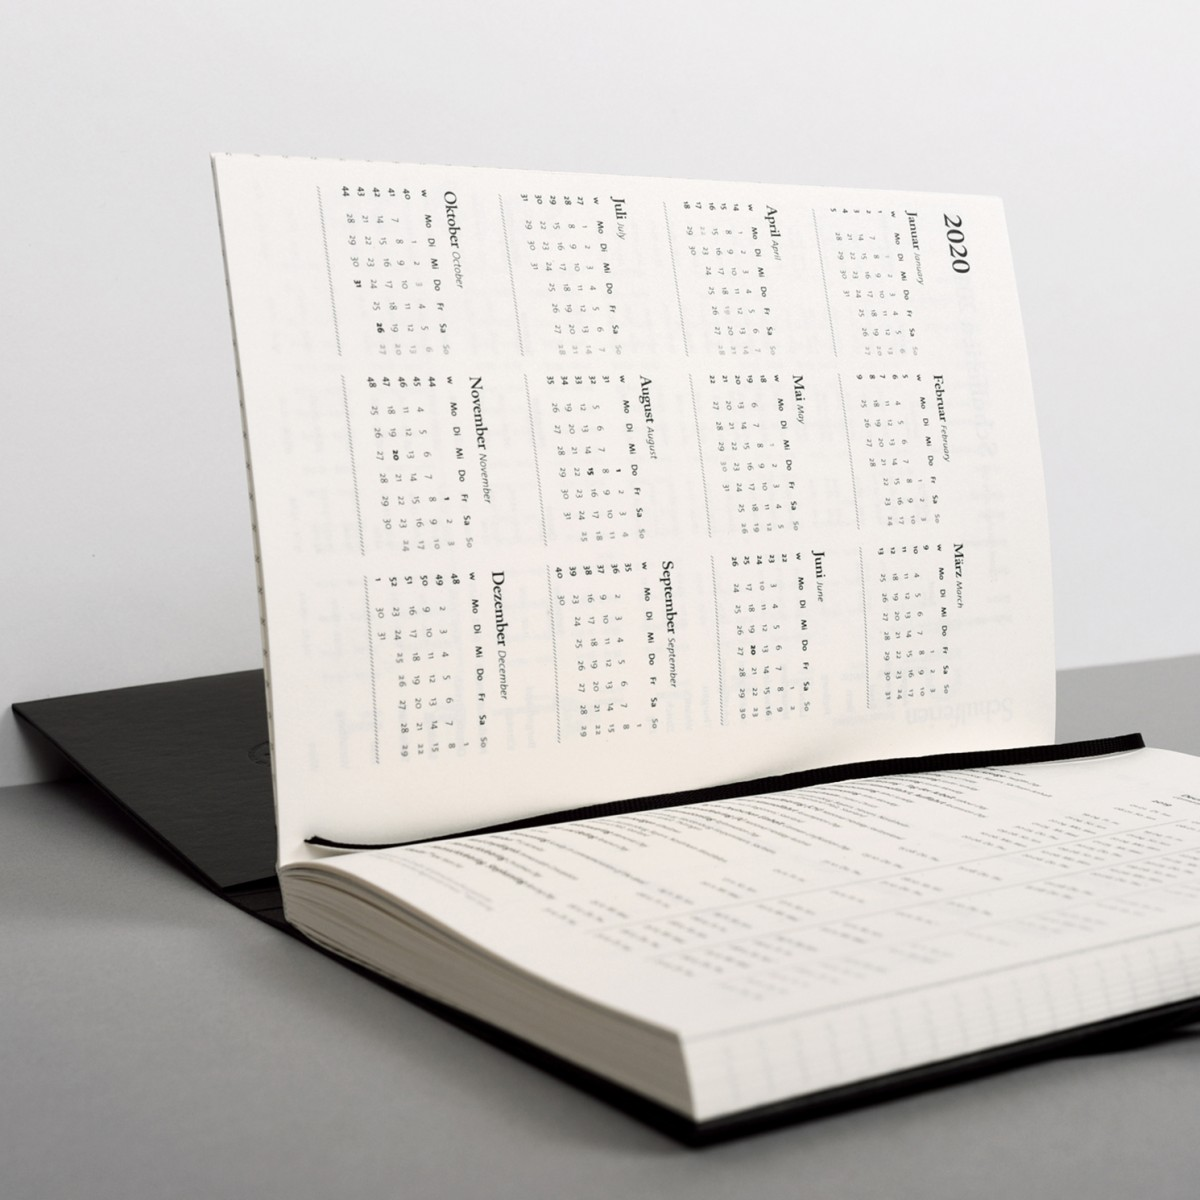 tyyp Kalender 2020 - Schweizer Broschur, Schwarz, Handmade